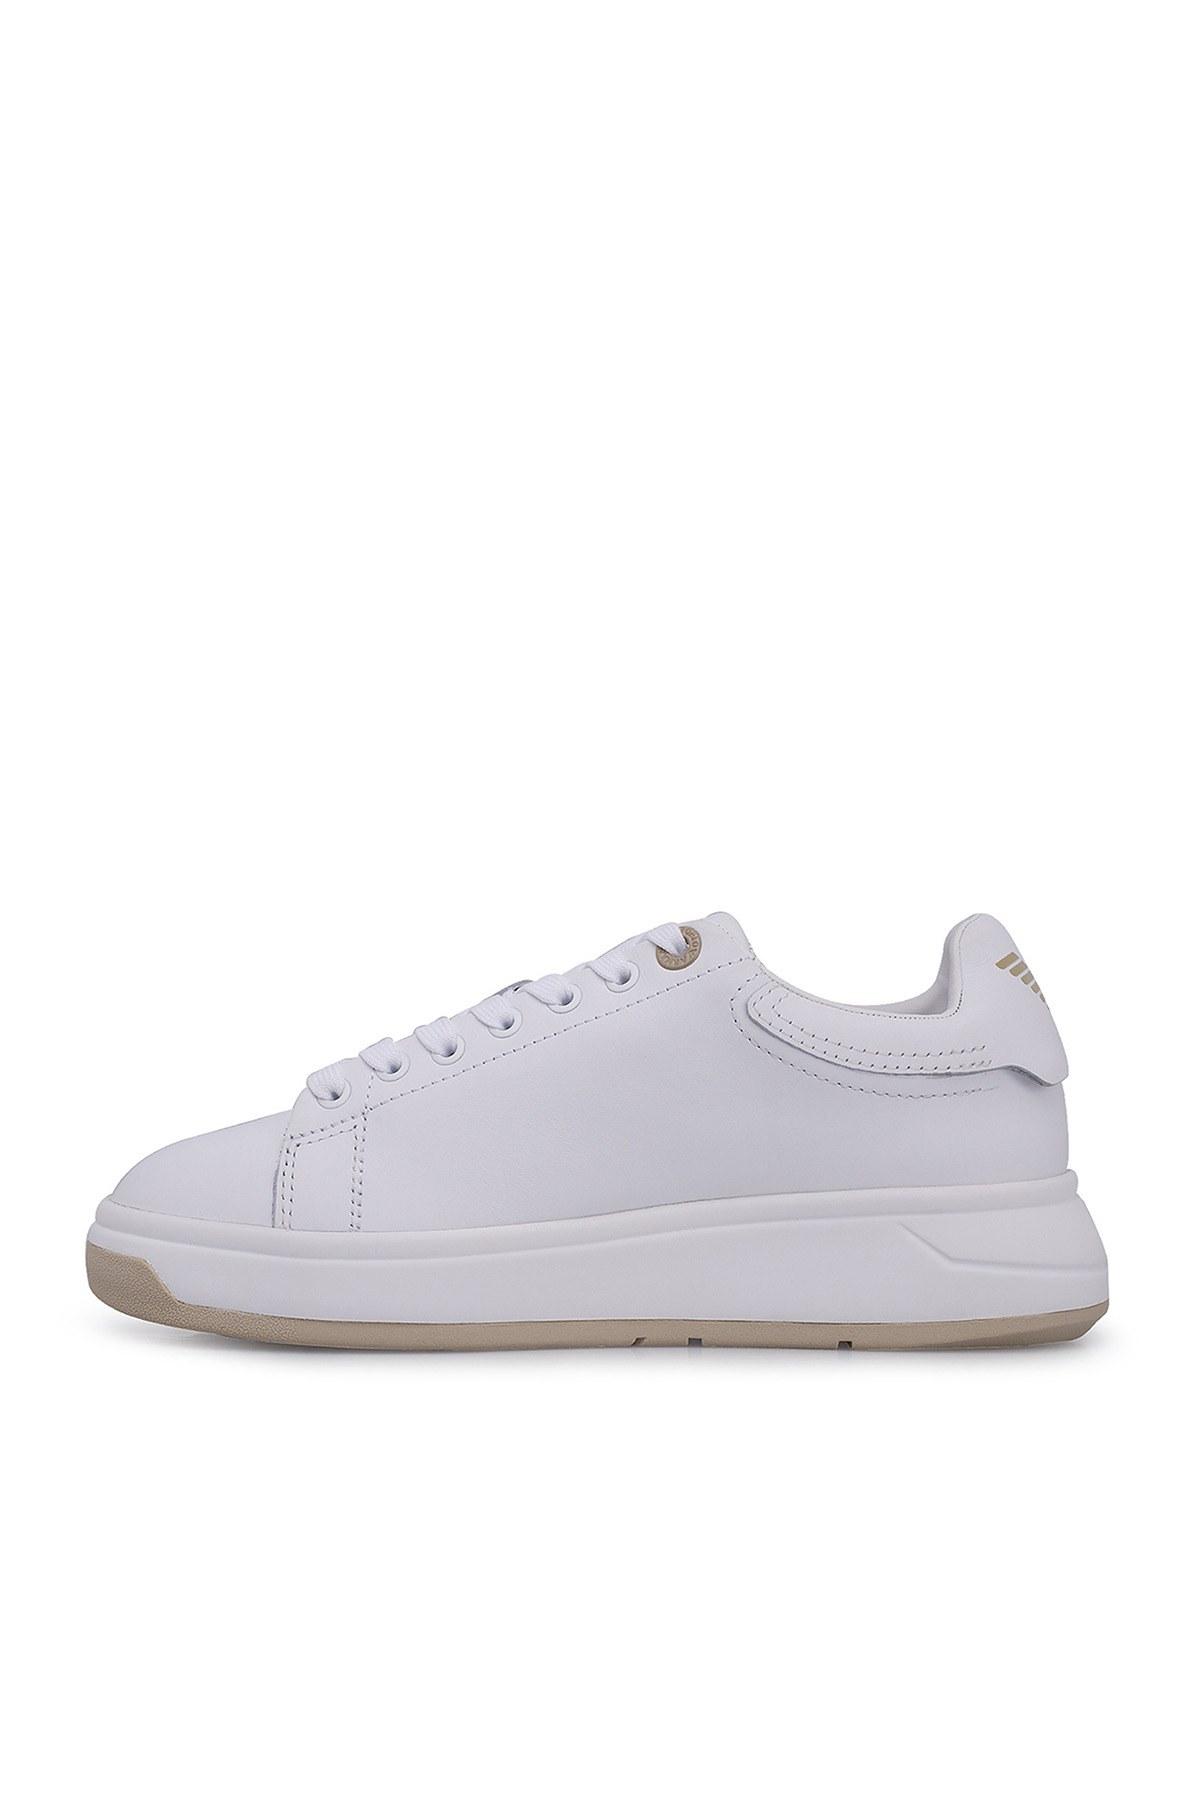 Emporio Armani Bayan Ayakkabı X3X070 XM255 R704 BEYAZ